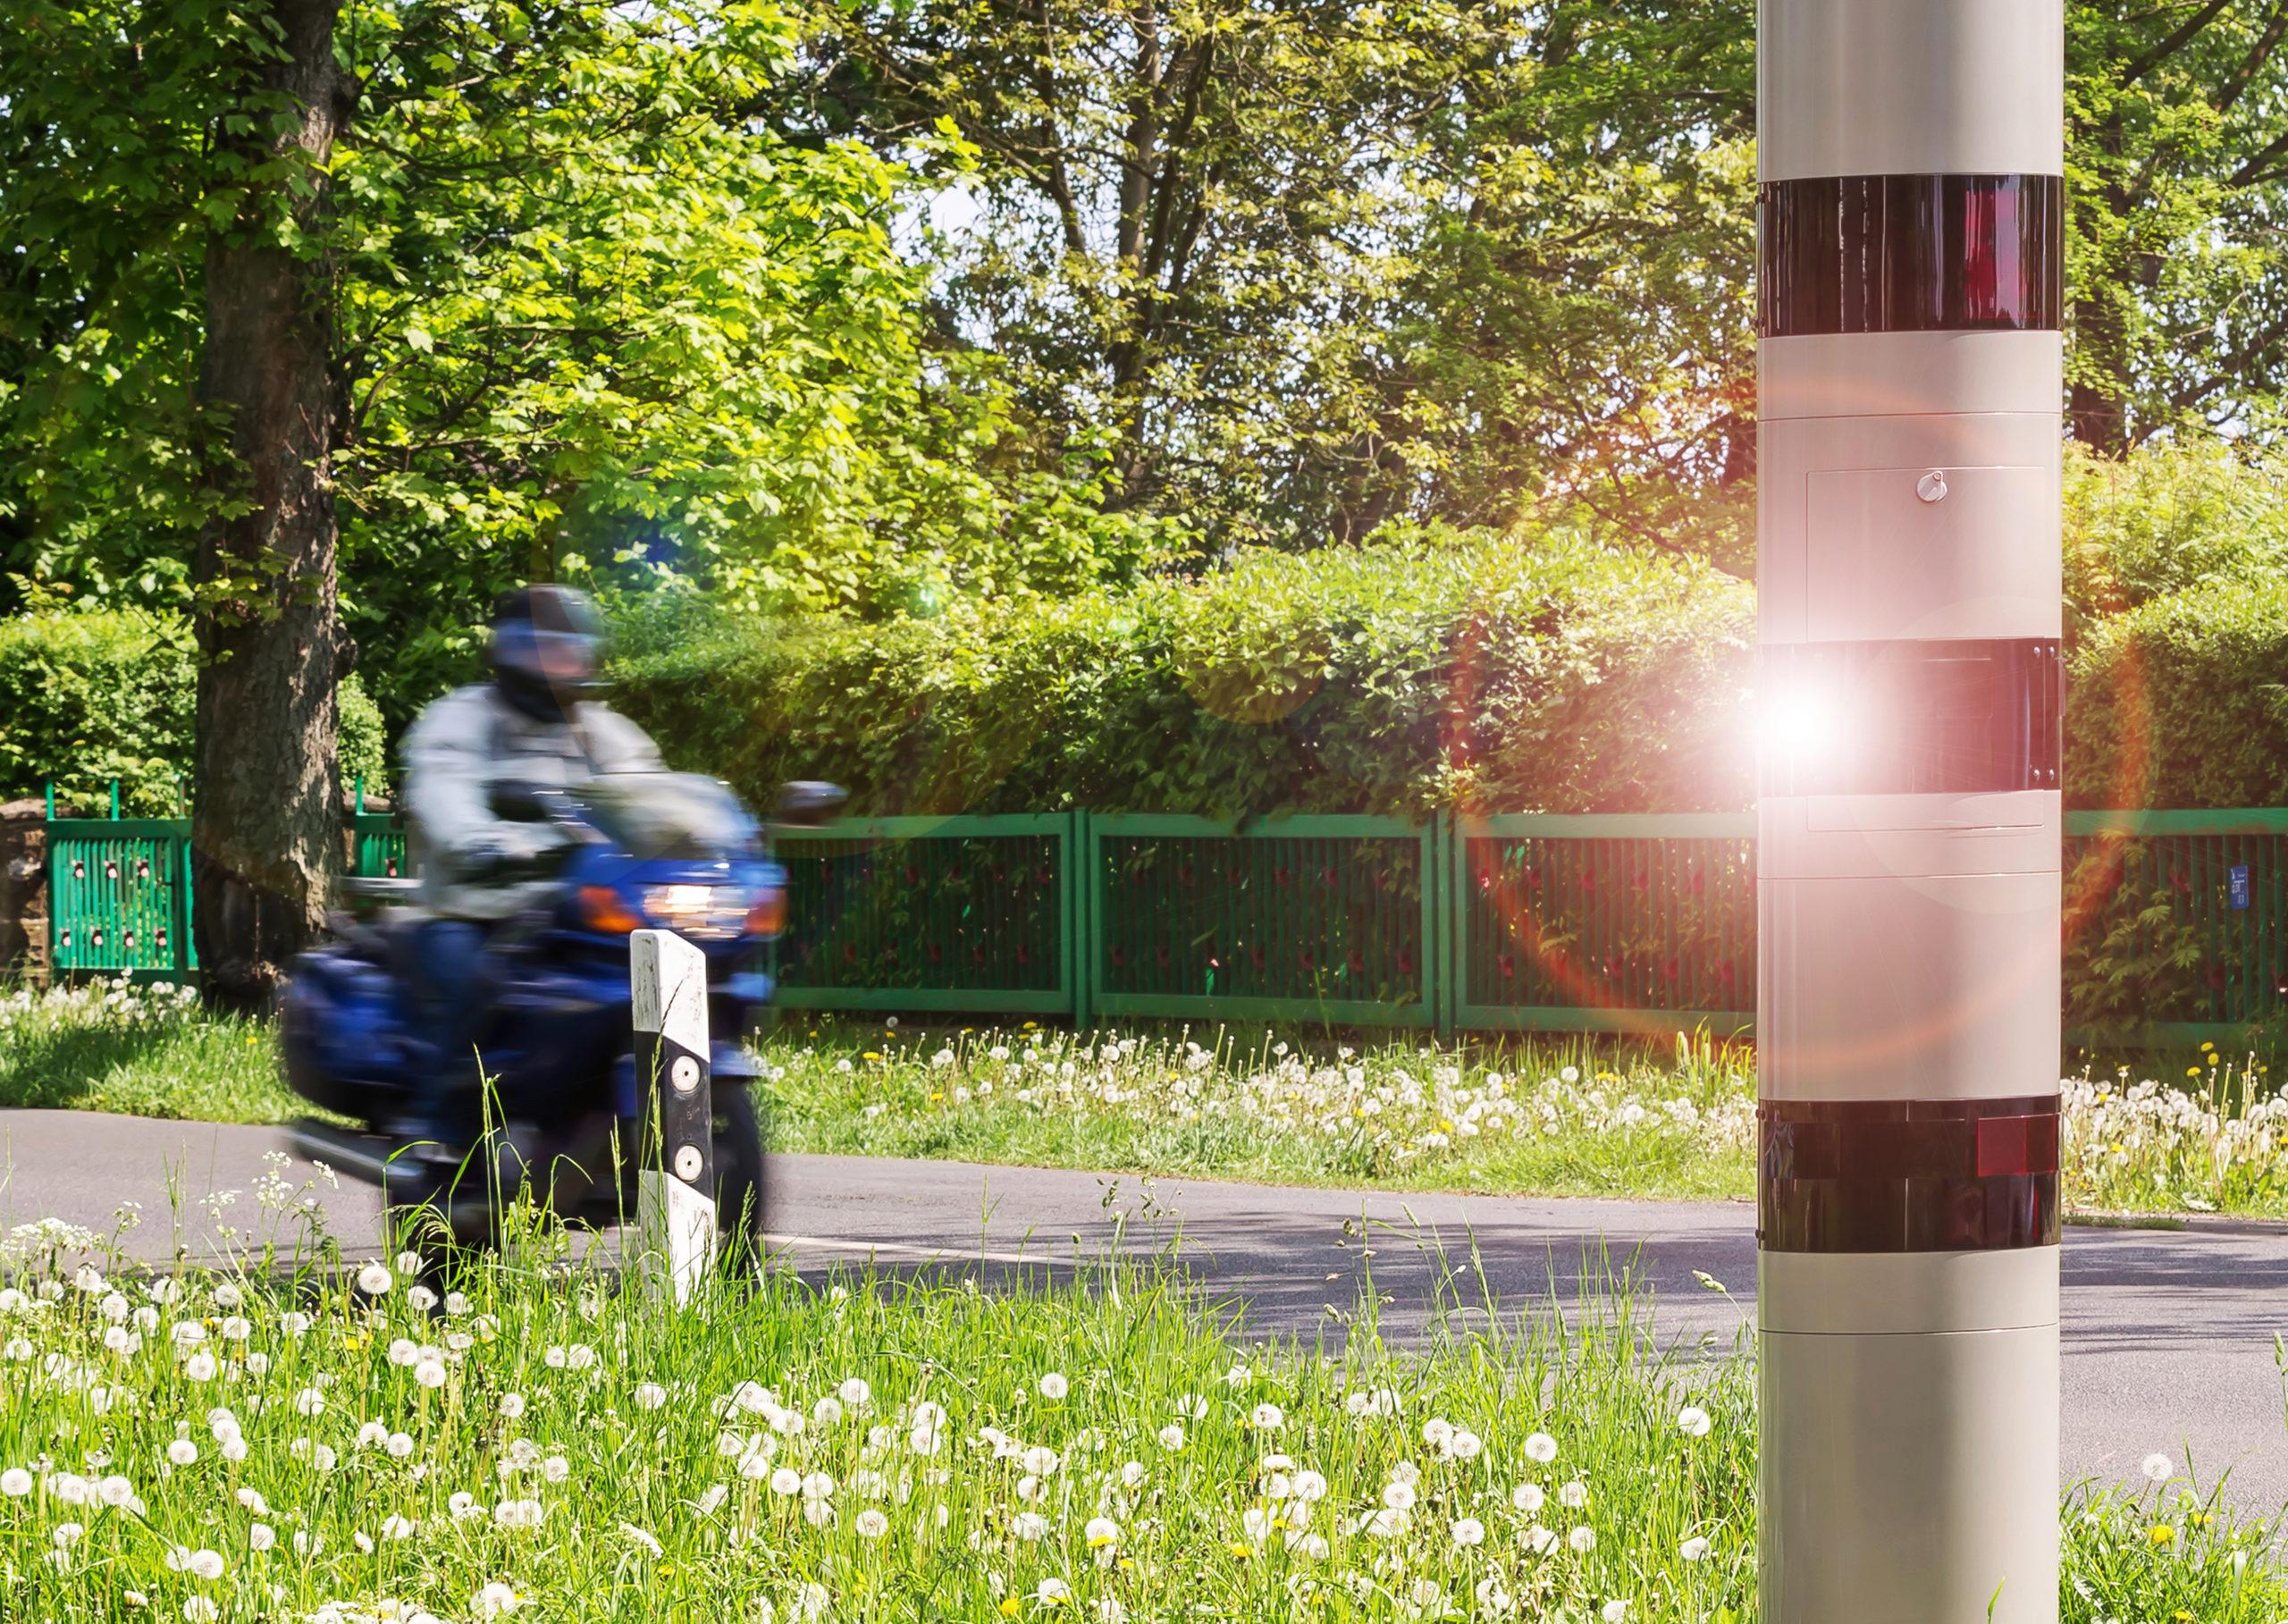 Können Motorradfahrer Geblitzt Werden